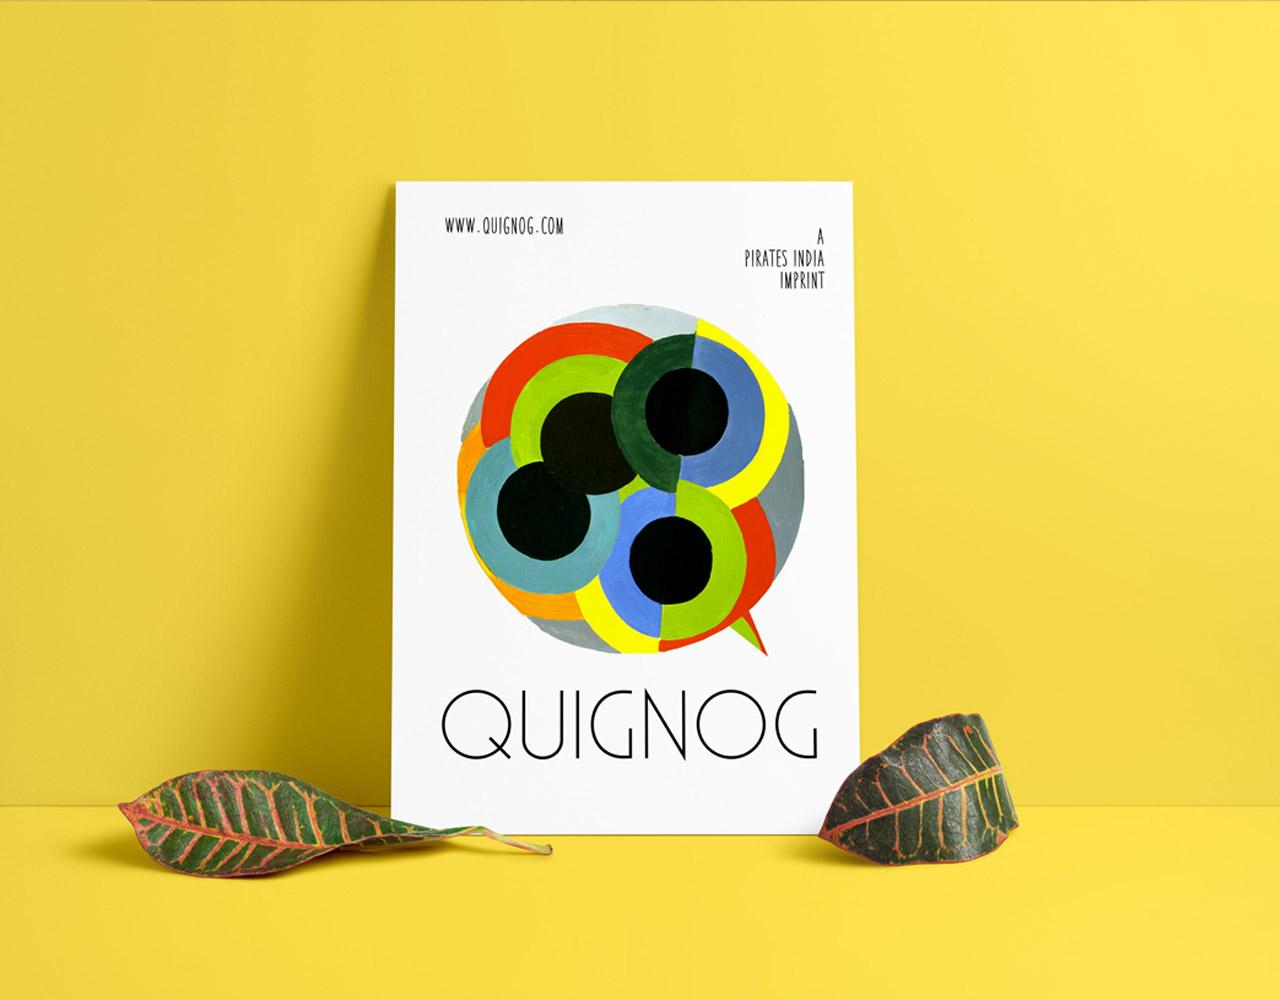 Quignog